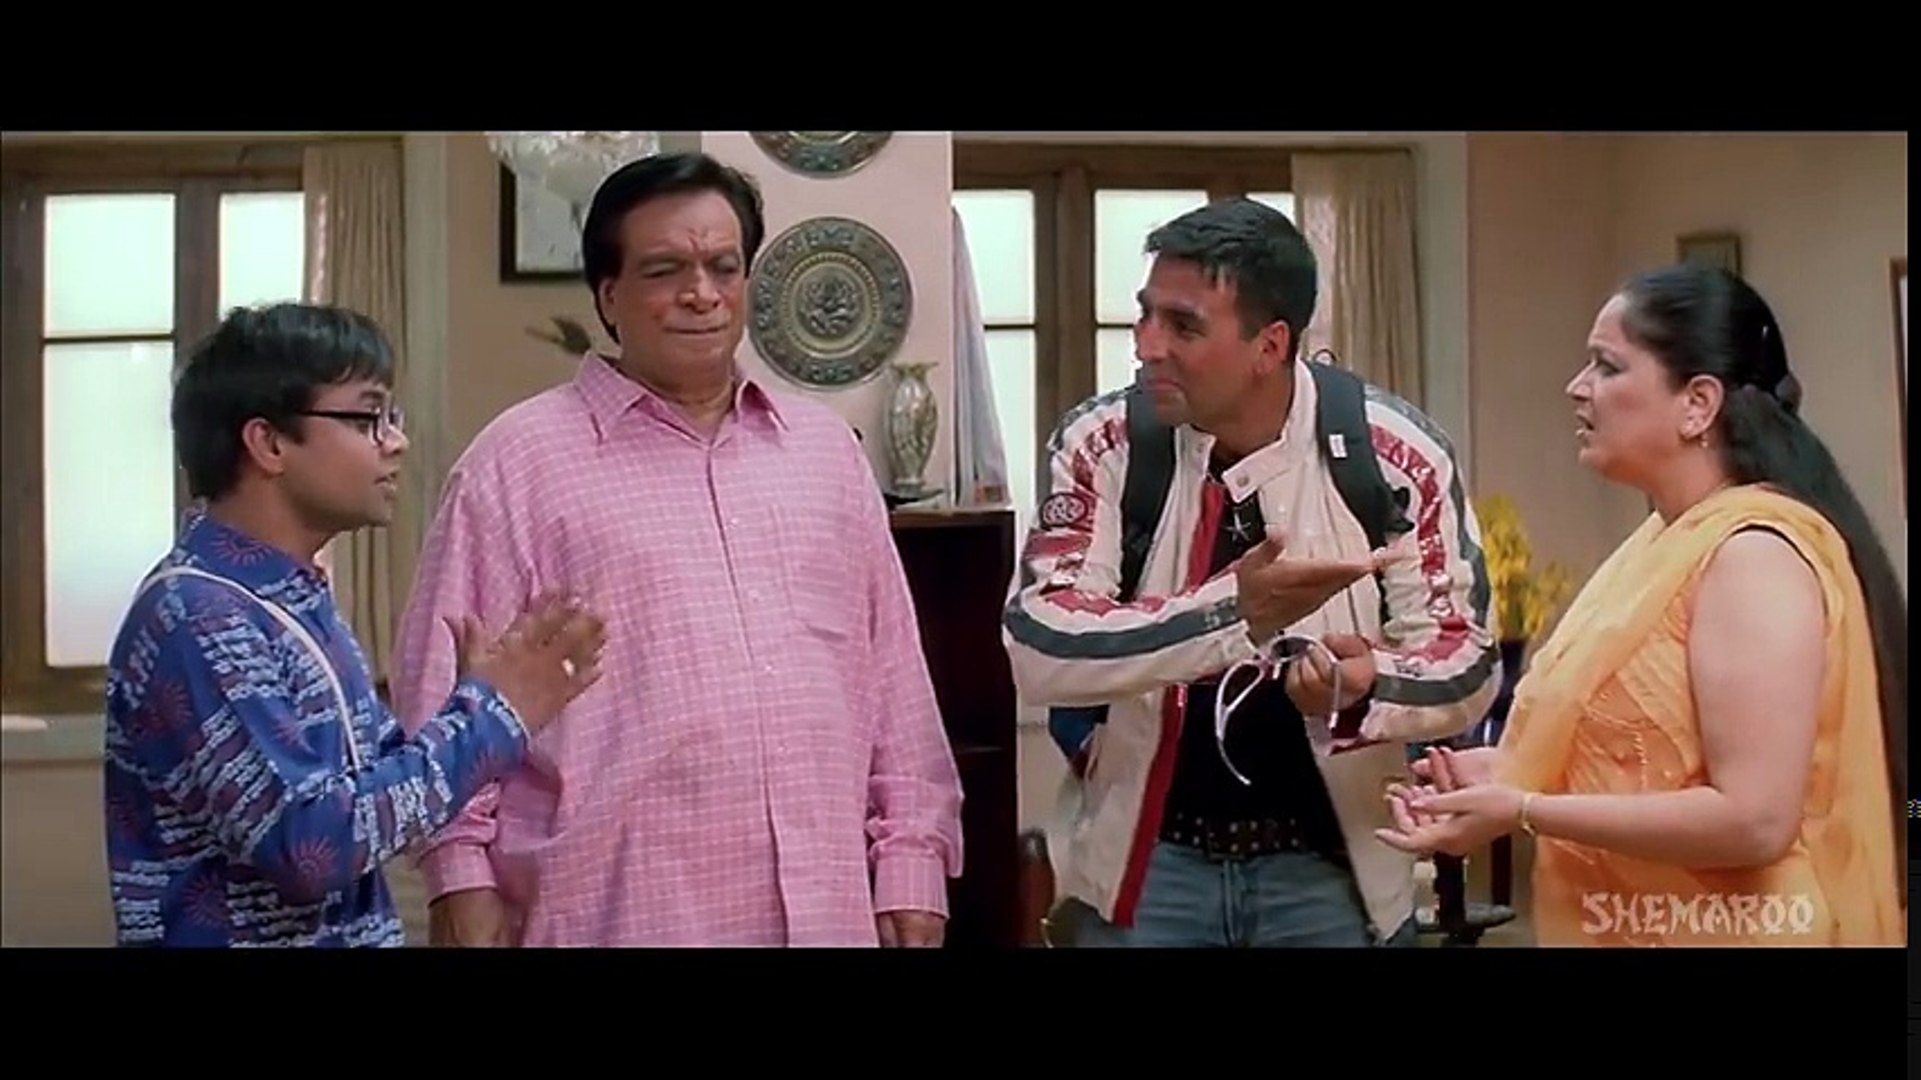 Rajpal Yadav Comedy Scenes  {HD} - Top Comedy Scenes - Weekend Comedy Special - #Indian Comedy